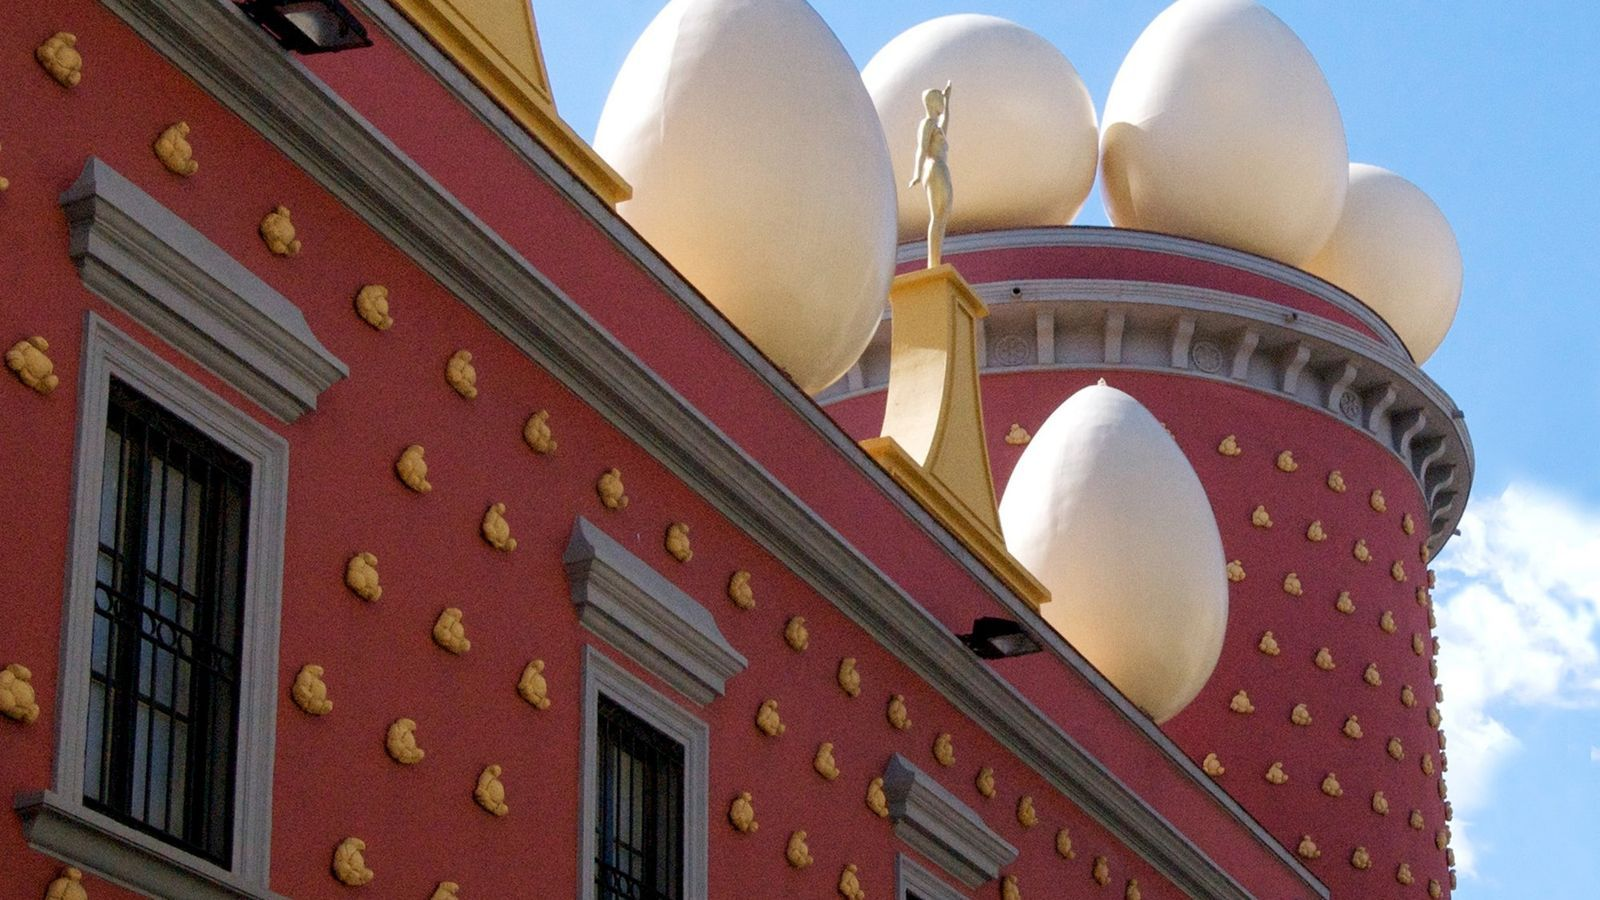 Els museus Dalí, candidats  a ser Patrimoni de la Humanitat